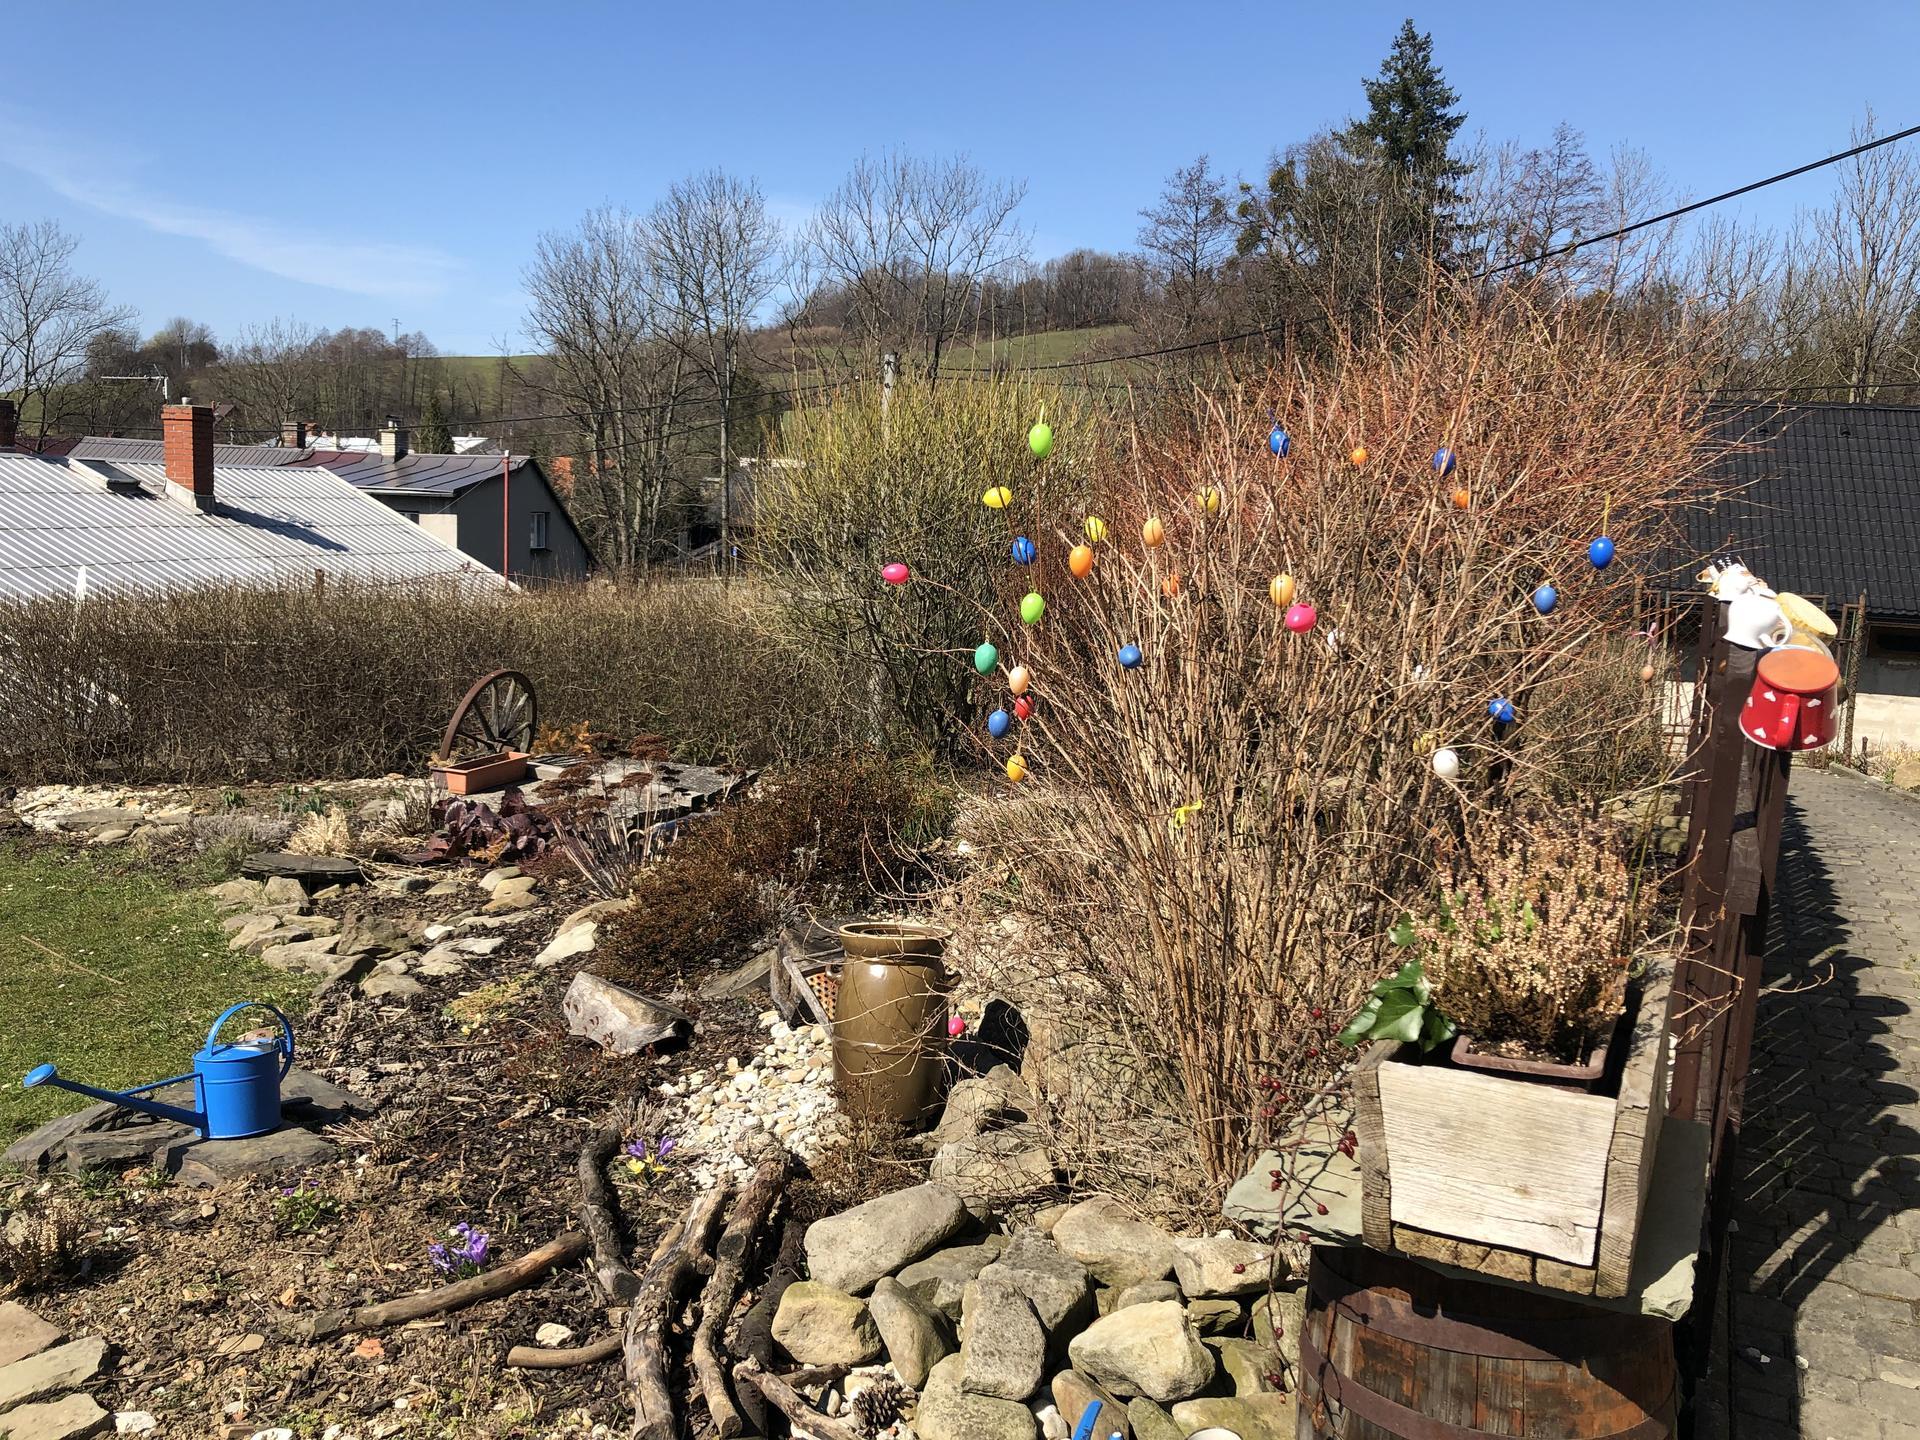 U nás doma a na zahradě 2021 - Obrázek č. 11